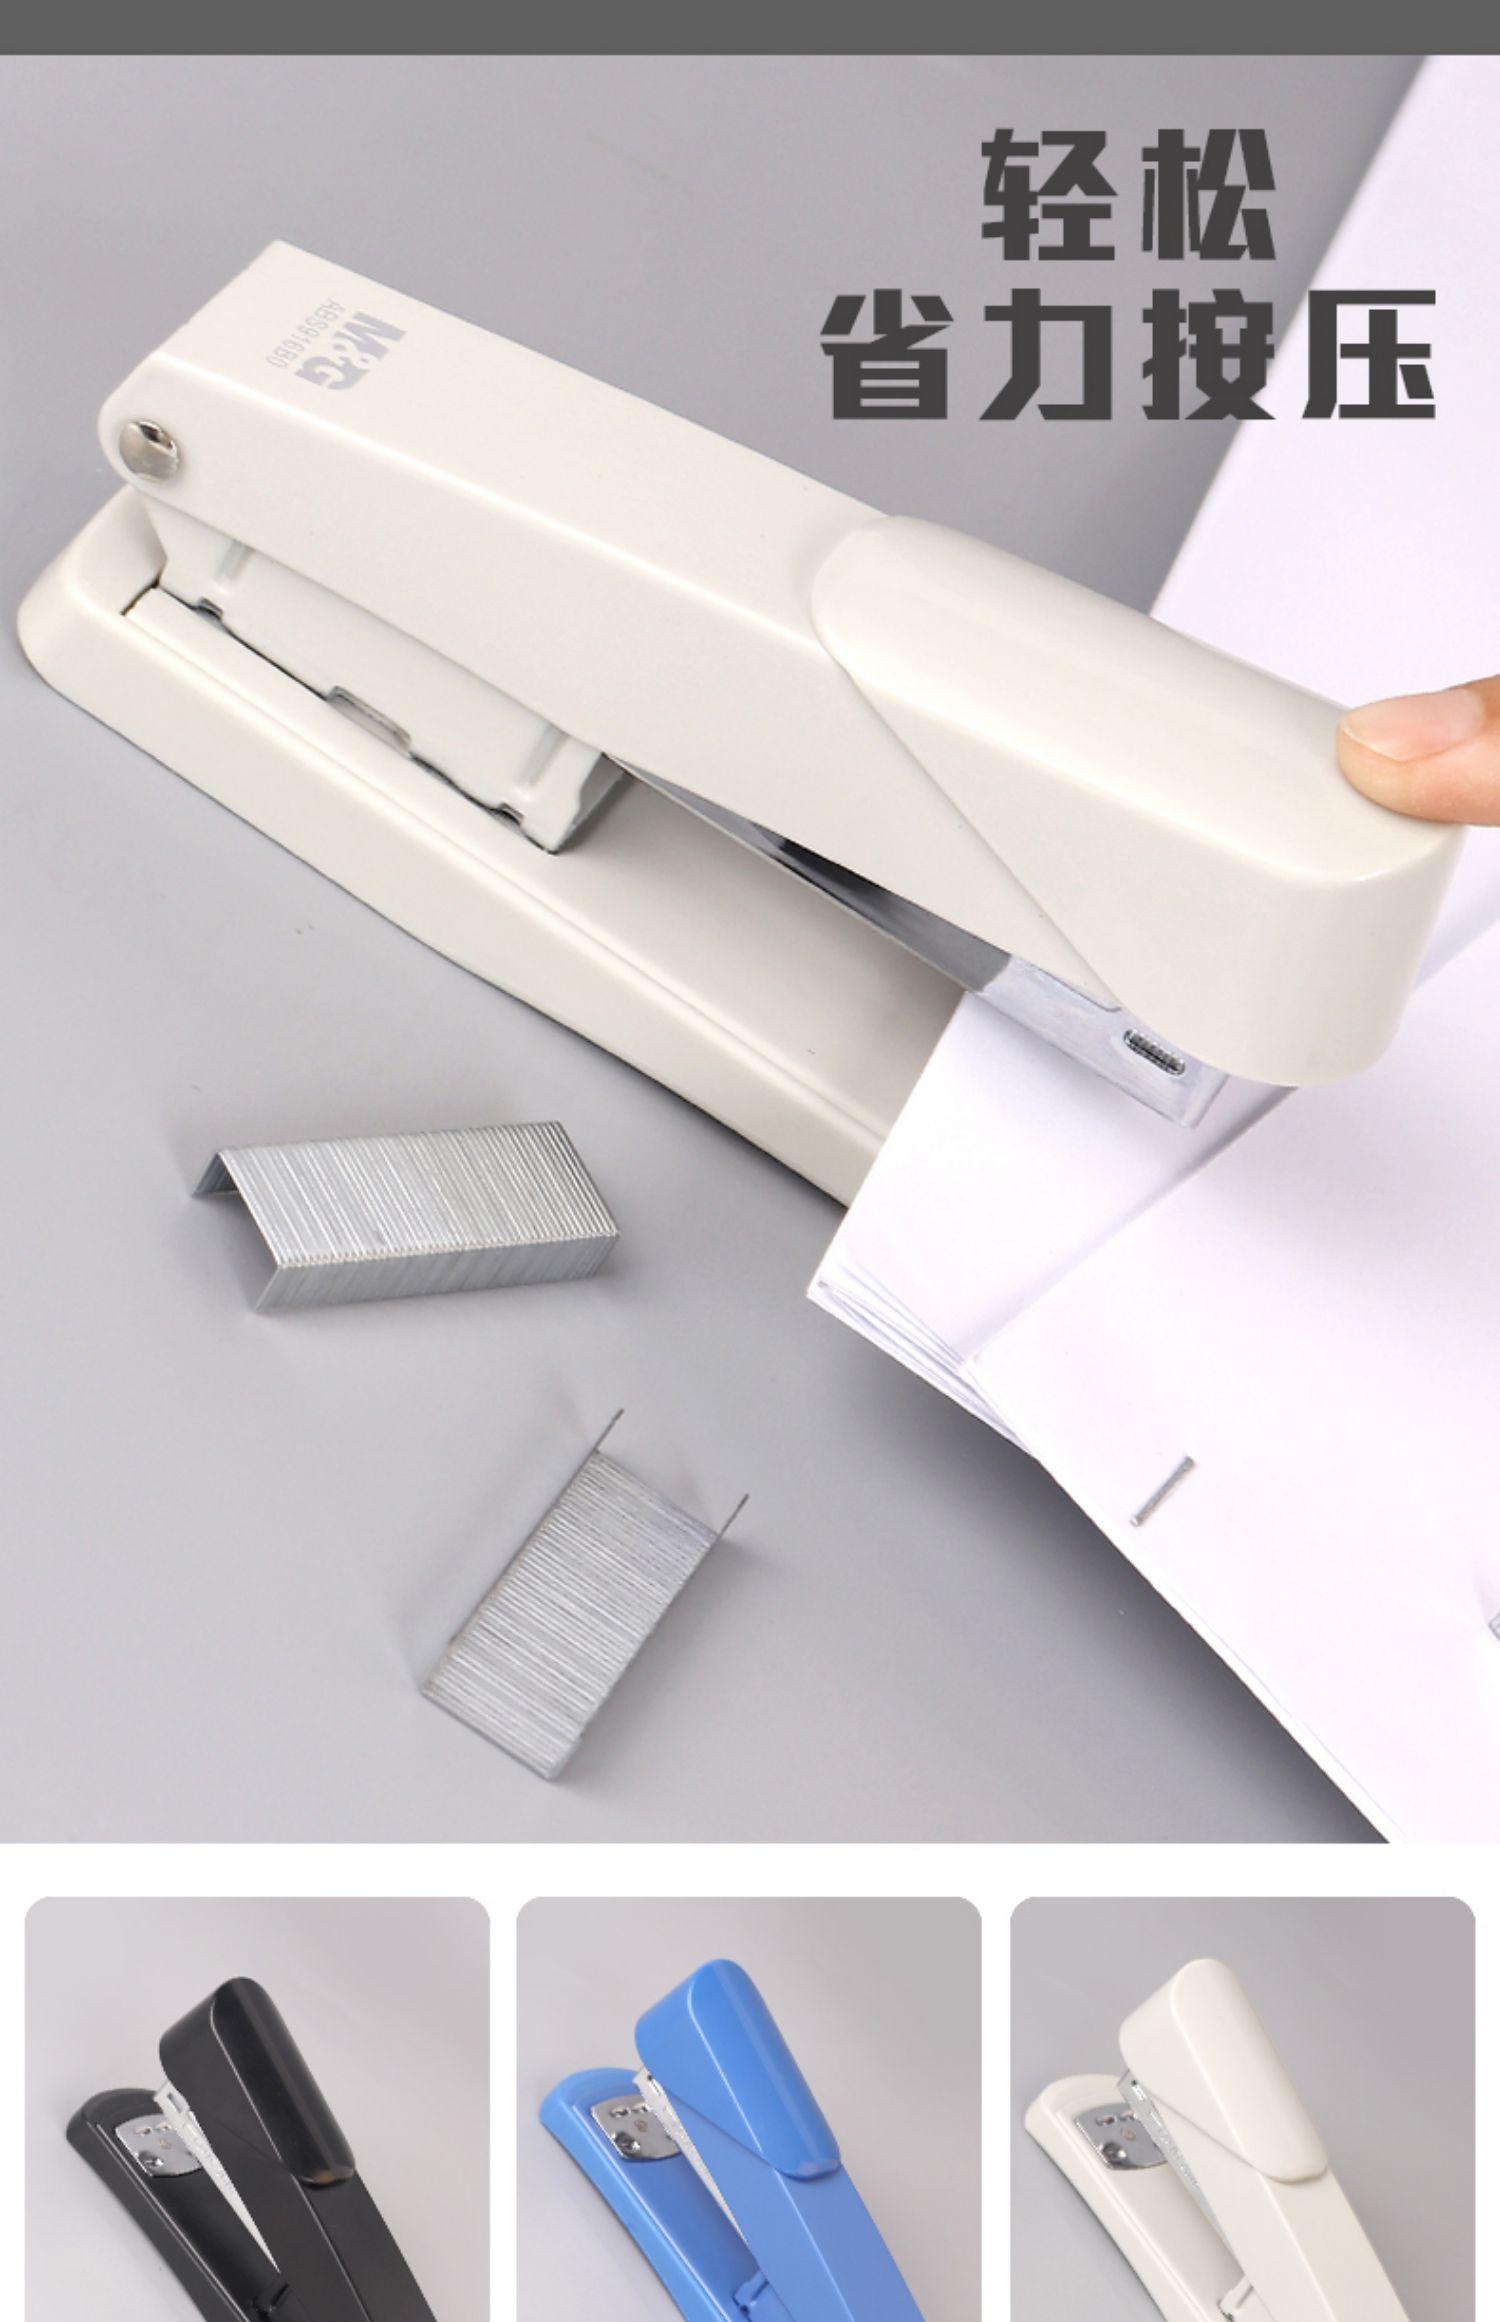 晨光订书器大号手握式标准型多功能订书机